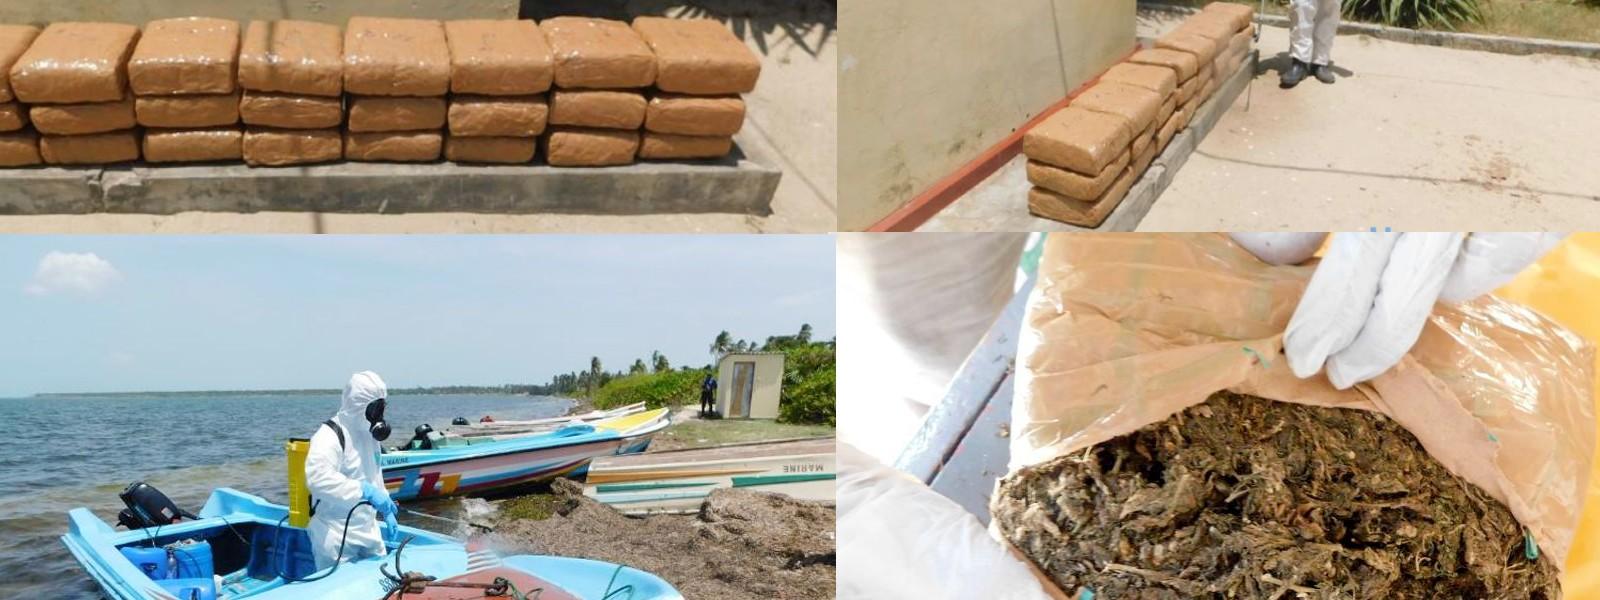 Sri Lanka Navy seized 58 kilograms of Kerala Ganja in Jaffna